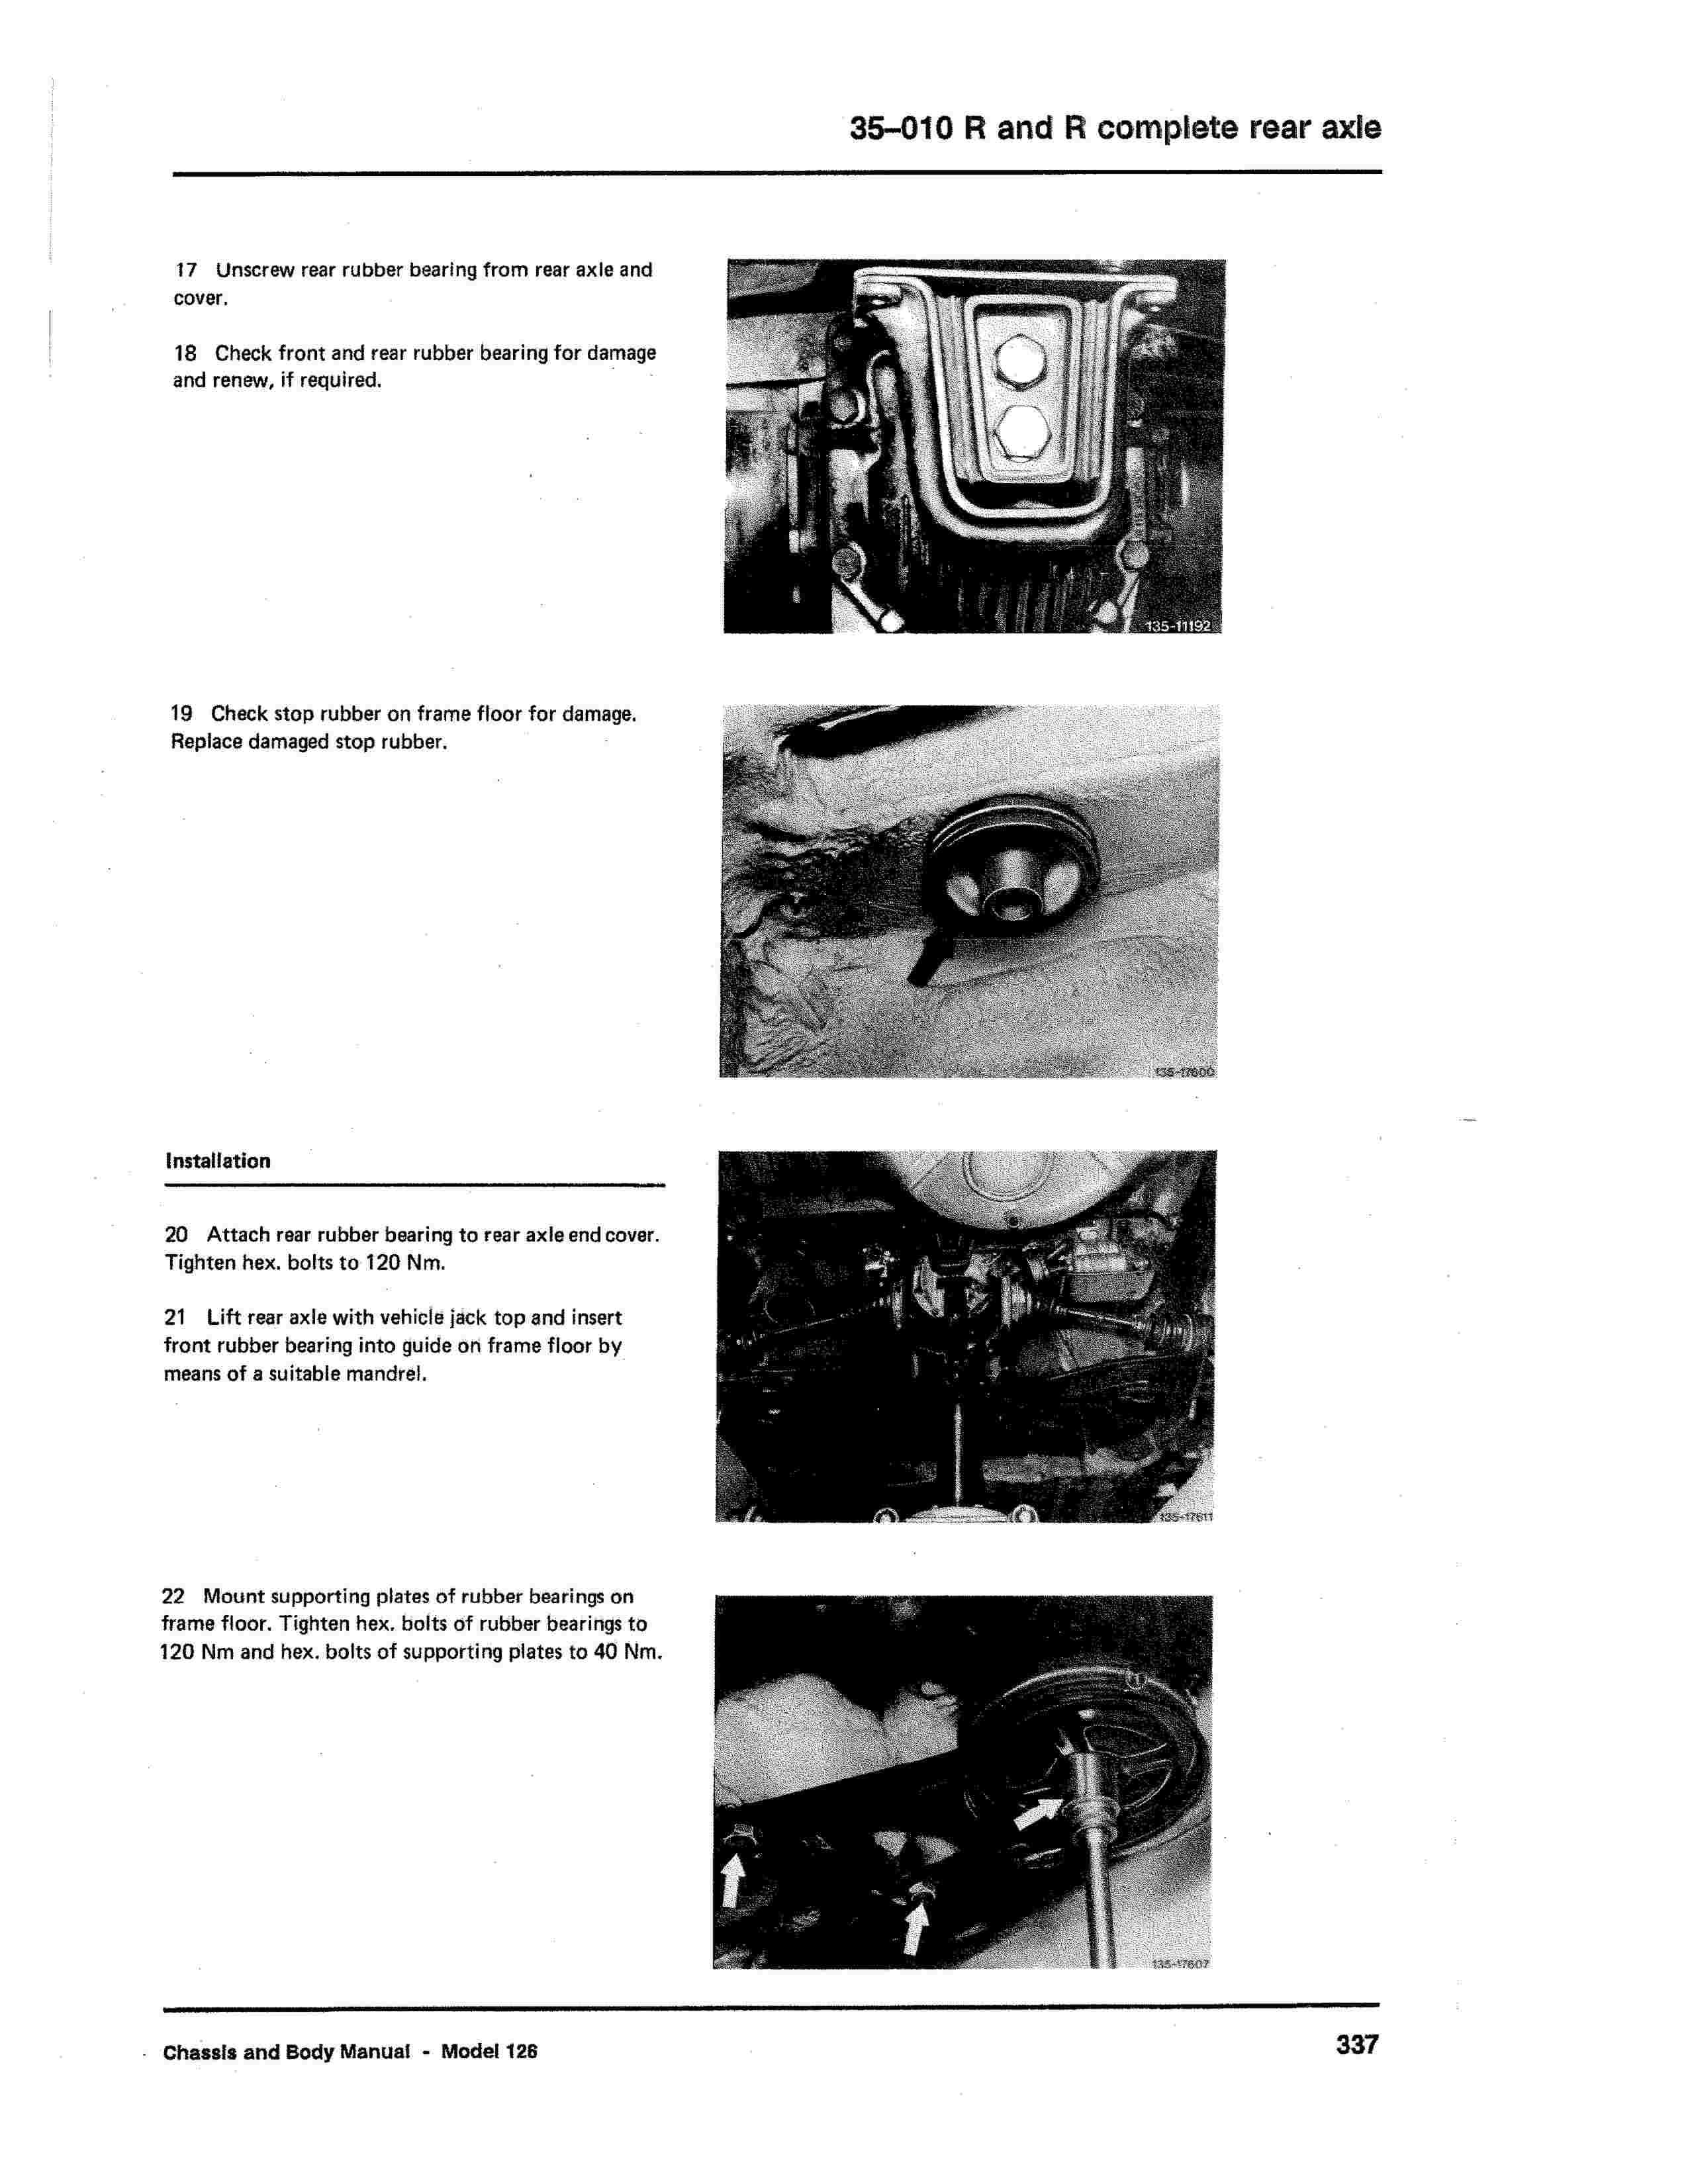 (W126): Diagrama completo da suspensão traseira  0005_334